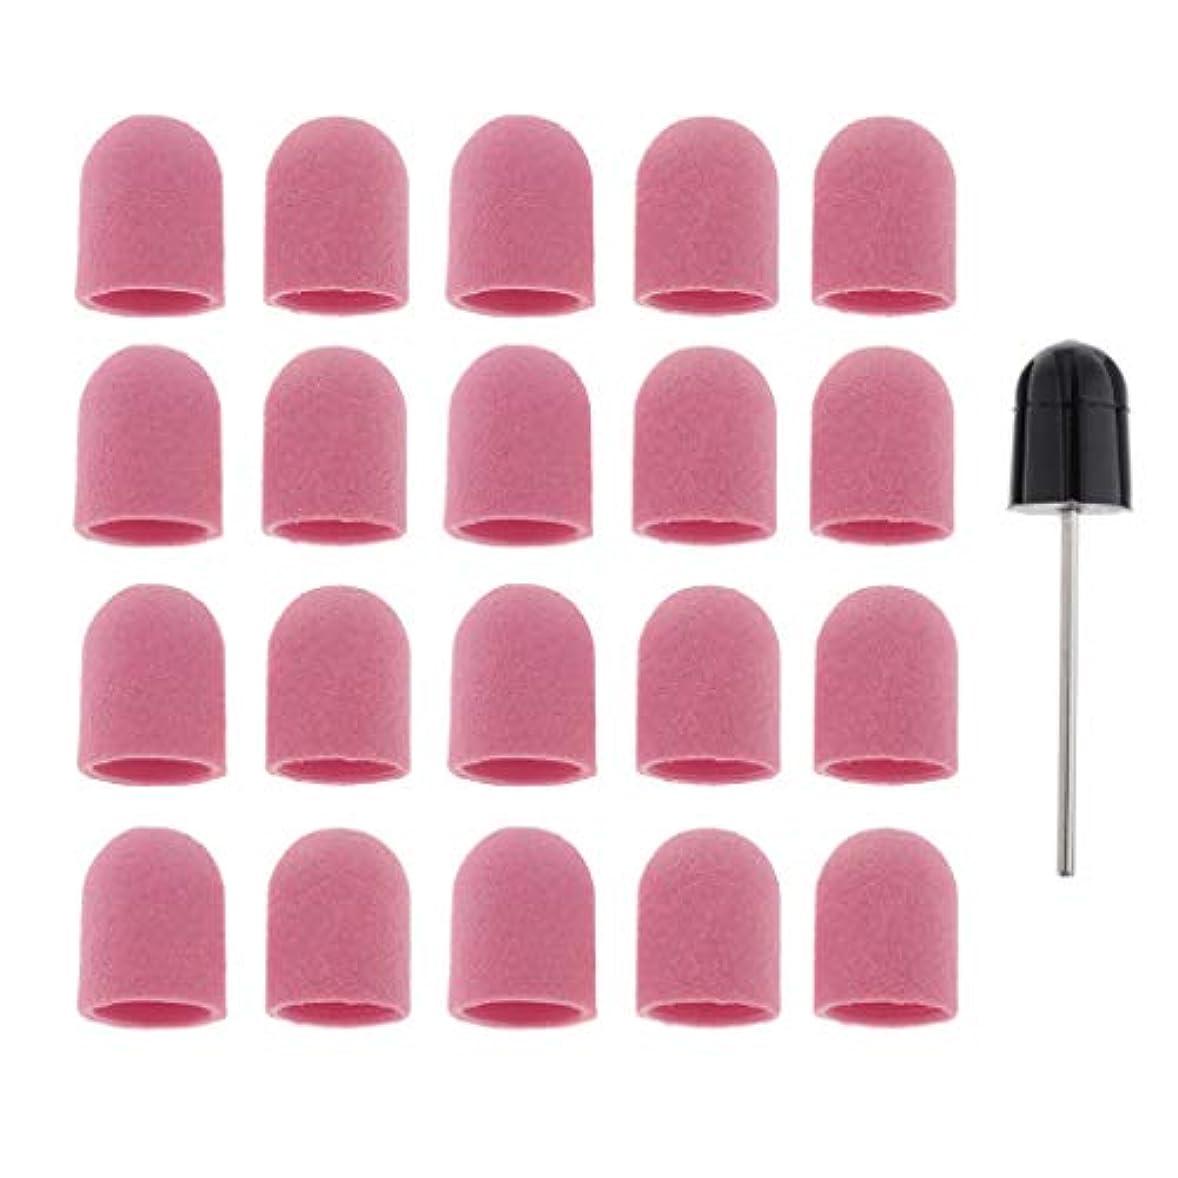 直面する管理します優越Perfeclan ネイルアート ドリルビットバフ 研削ビットバフ キャップ 角質除去 爪磨き ツール 約20本 全5カラー - ピンク